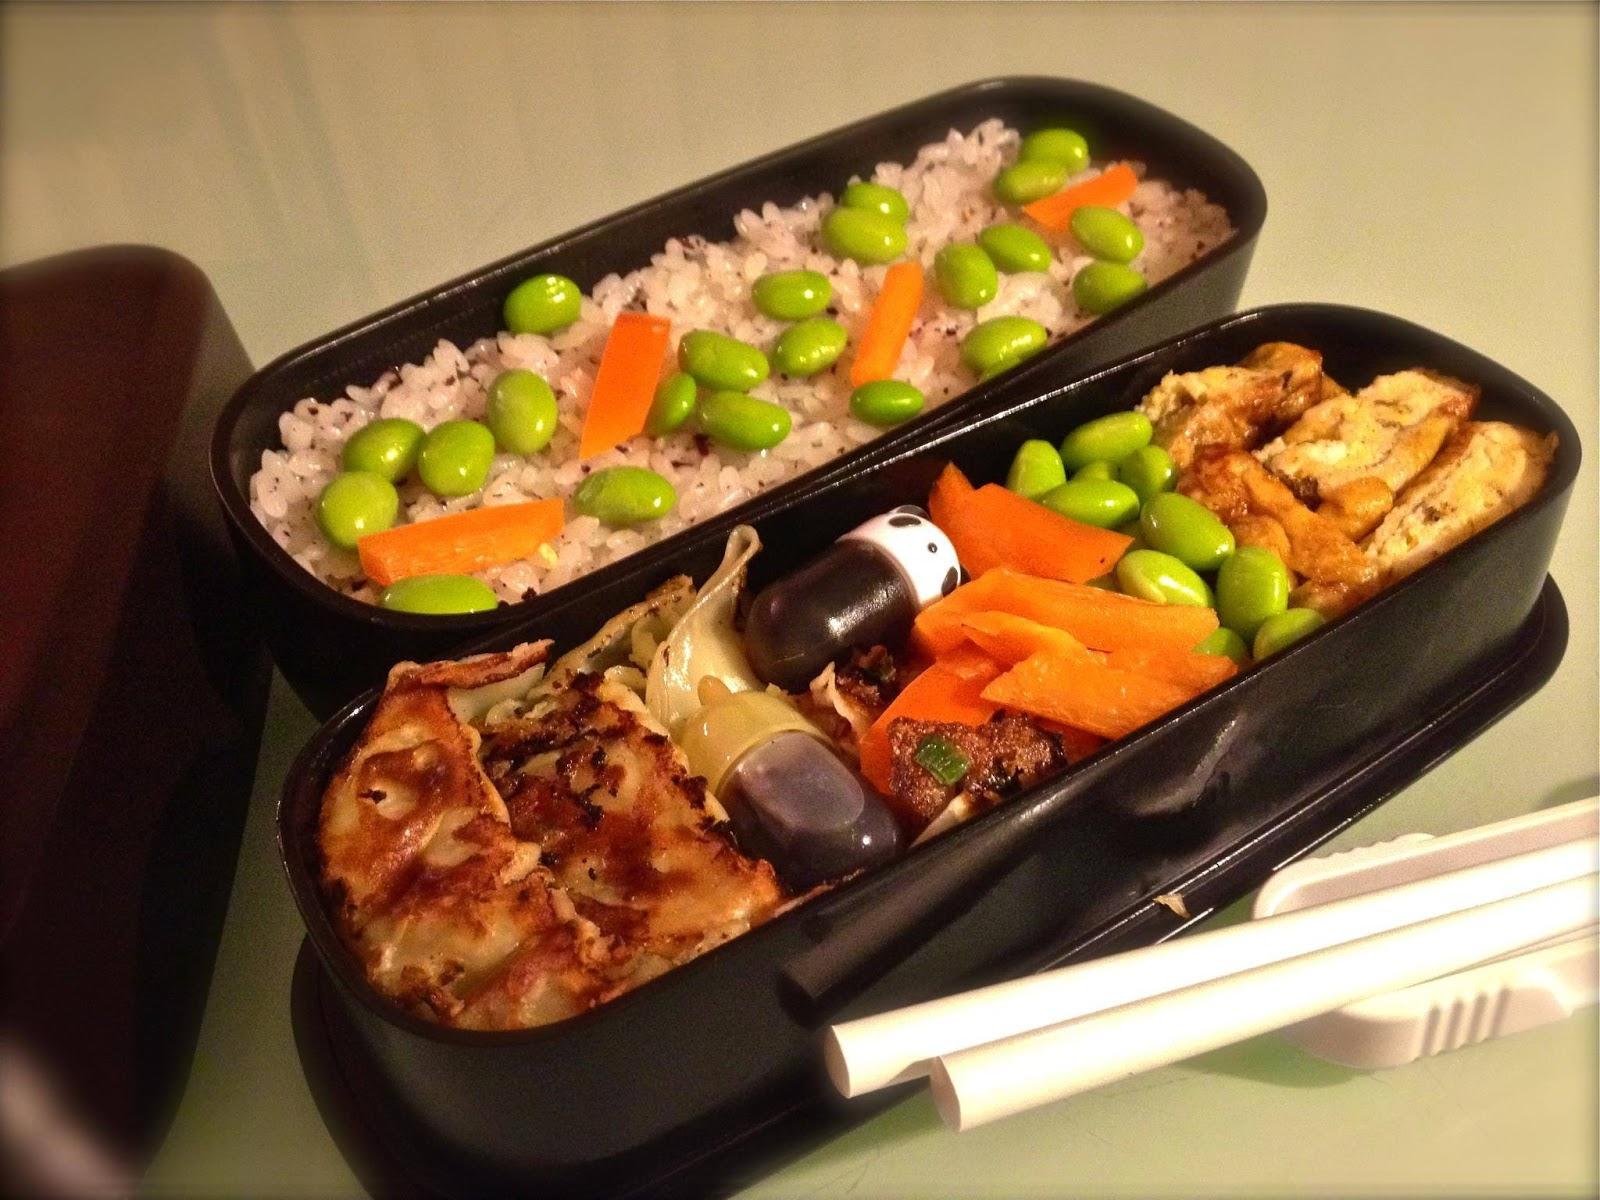 Life ki mich le stocco dolder le bento de for Apprendre la cuisine japonaise